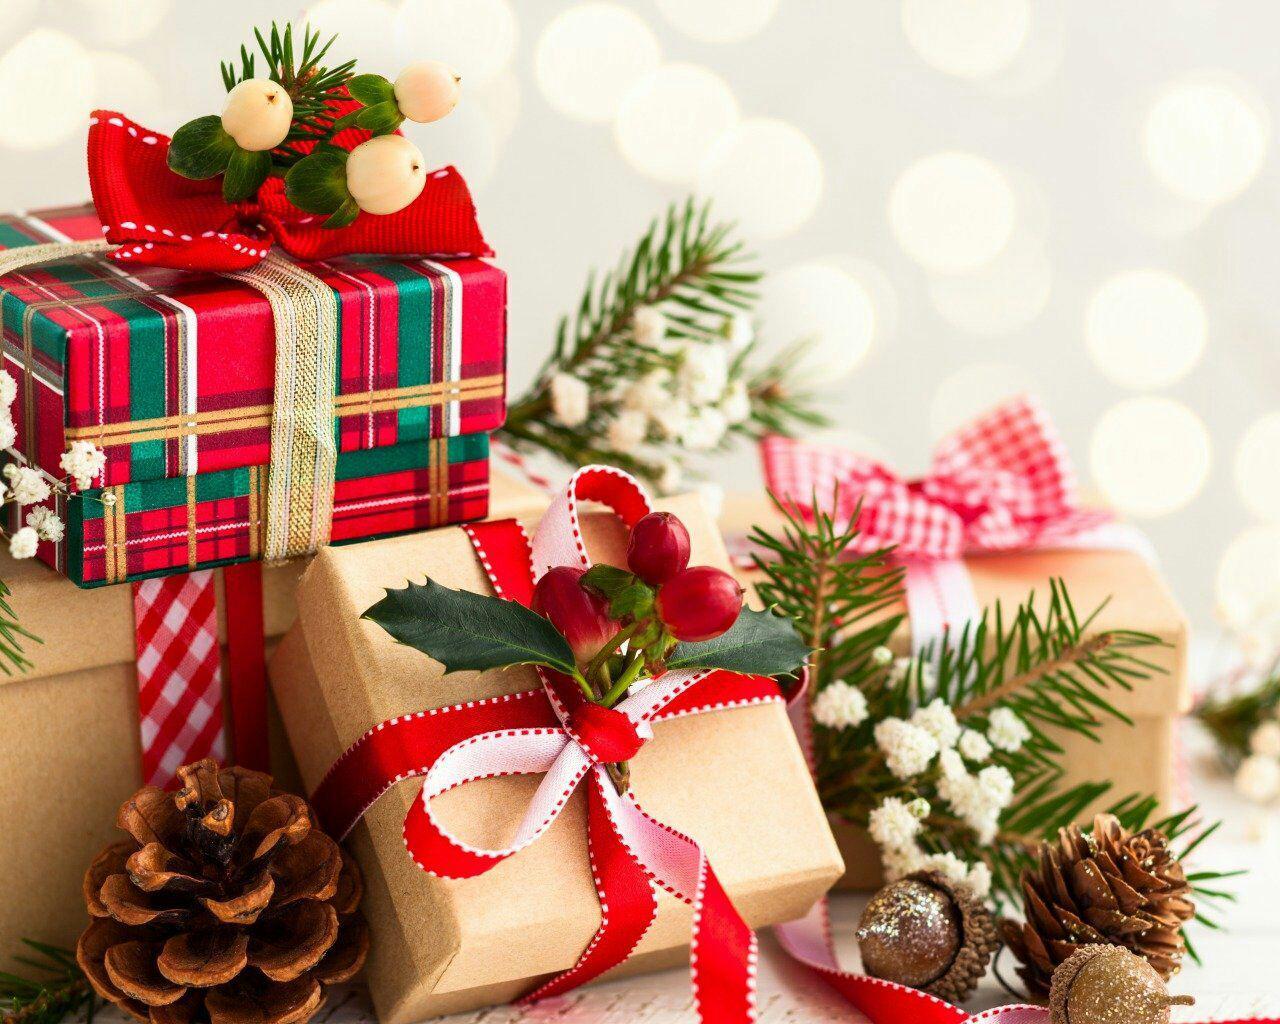 aebc88c7a7aa Что подарить близким на Новый год? 5 полезных и стильных презентов для  детей и взрослых